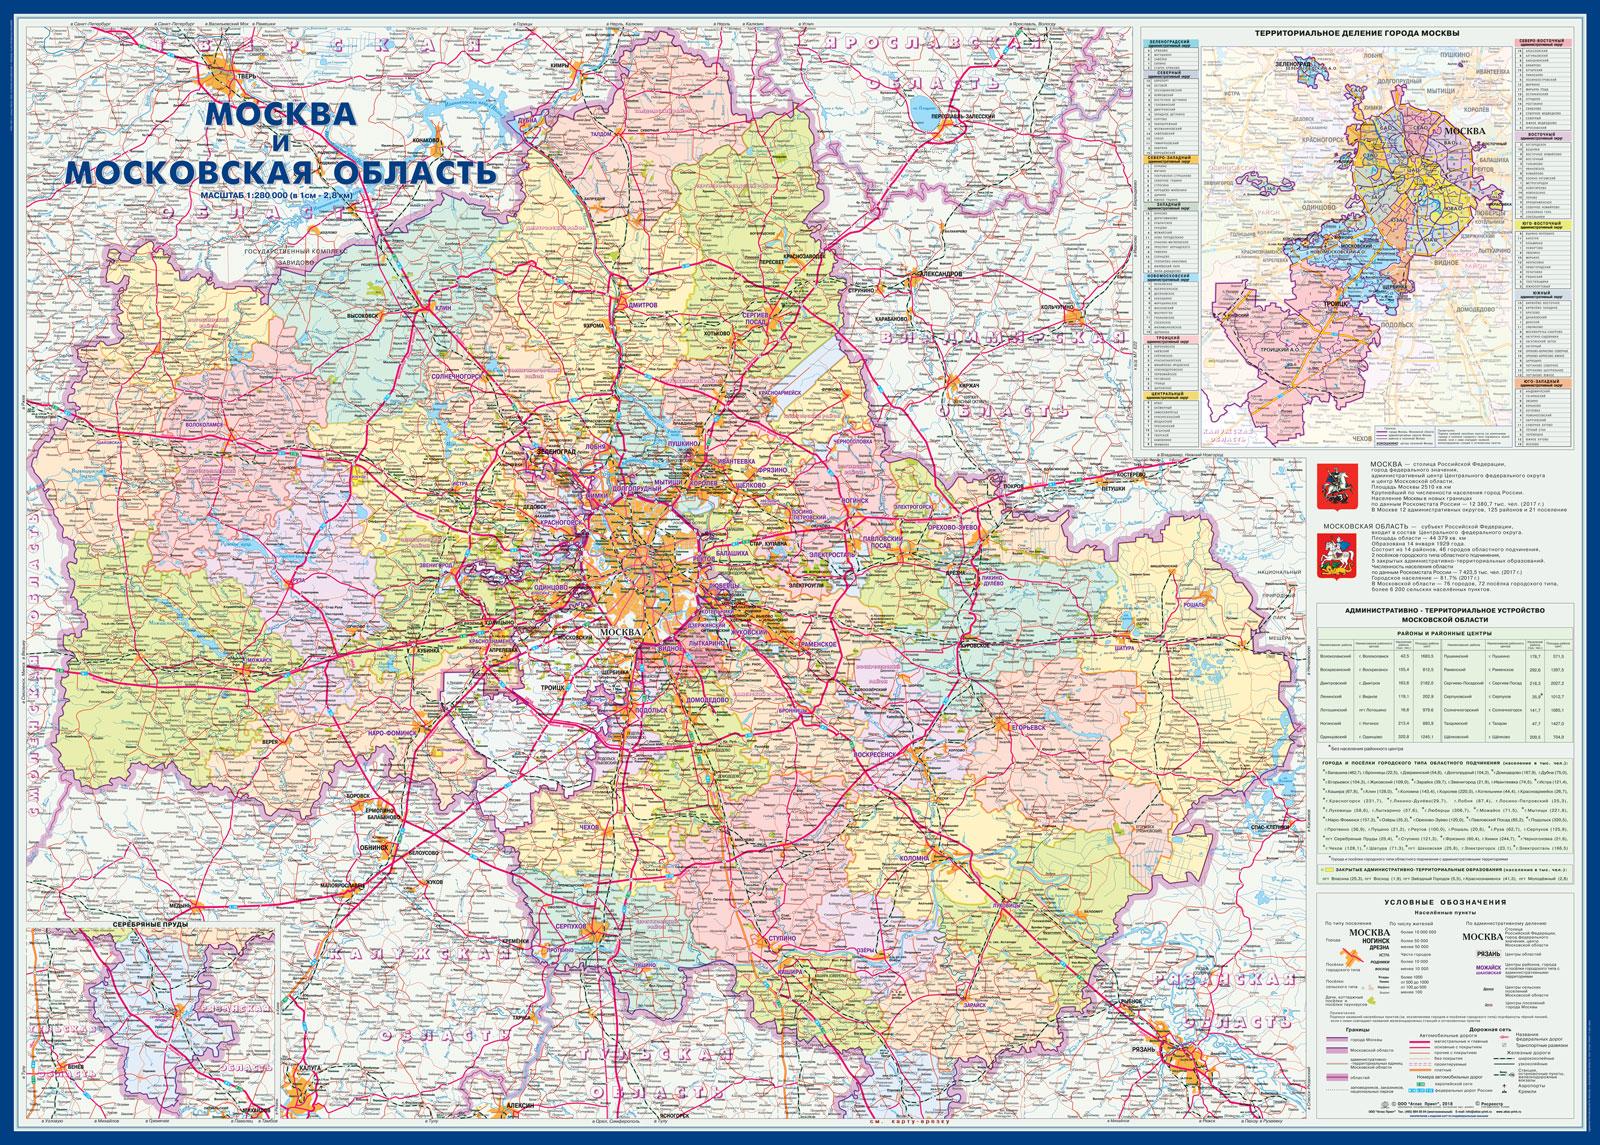 Настенная административная карта Москвы и Московской области 1,43*1,02м., ламинированная